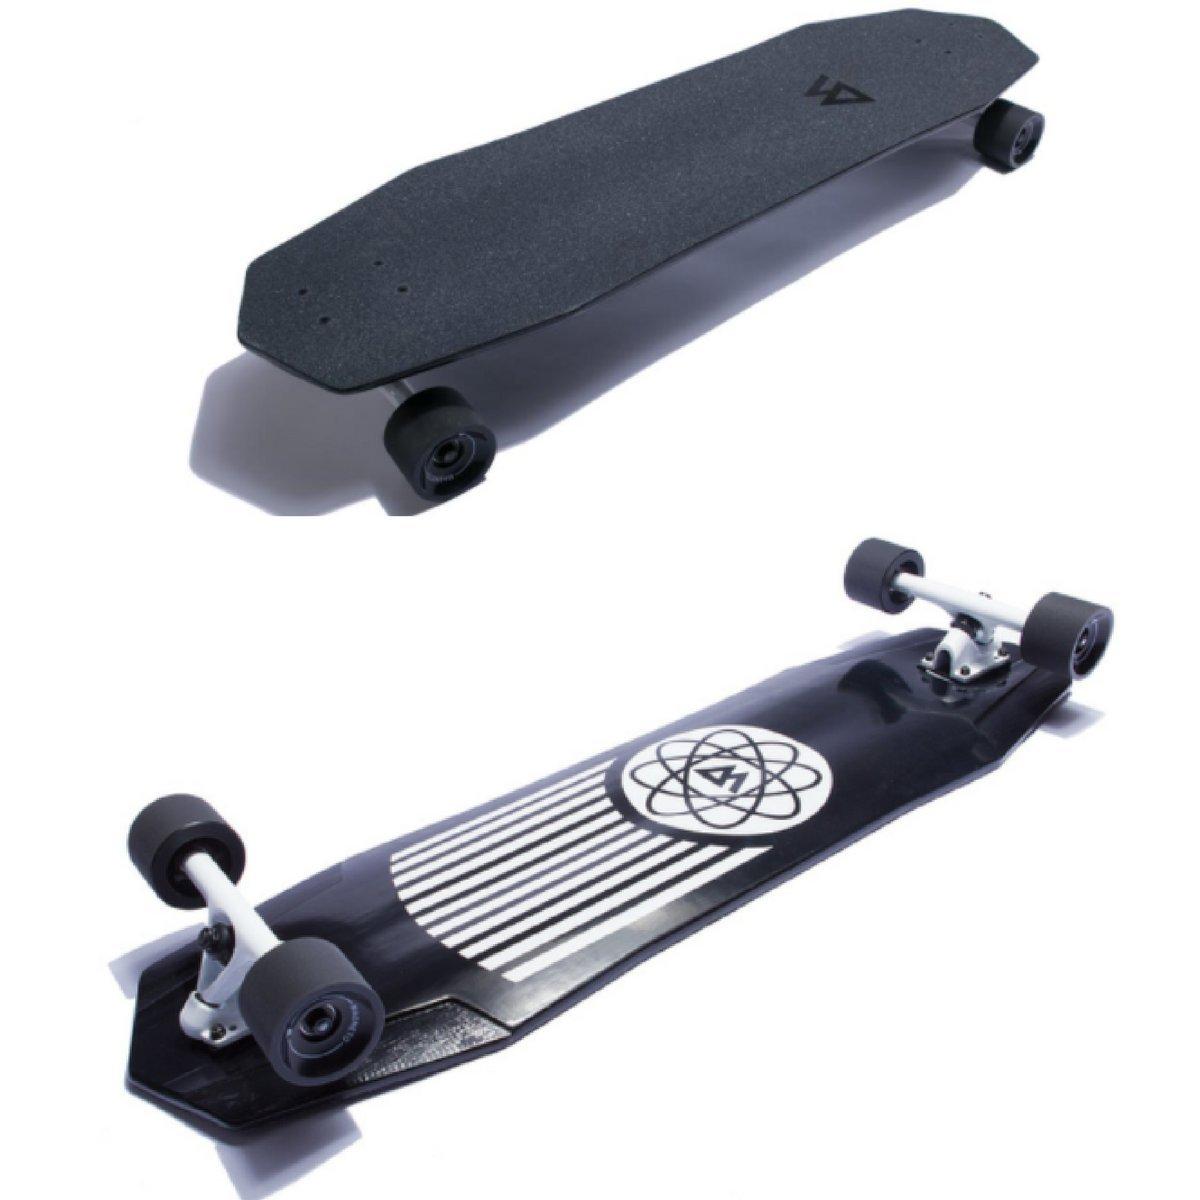 Magneto Longboards Downhill Cruiser Concave